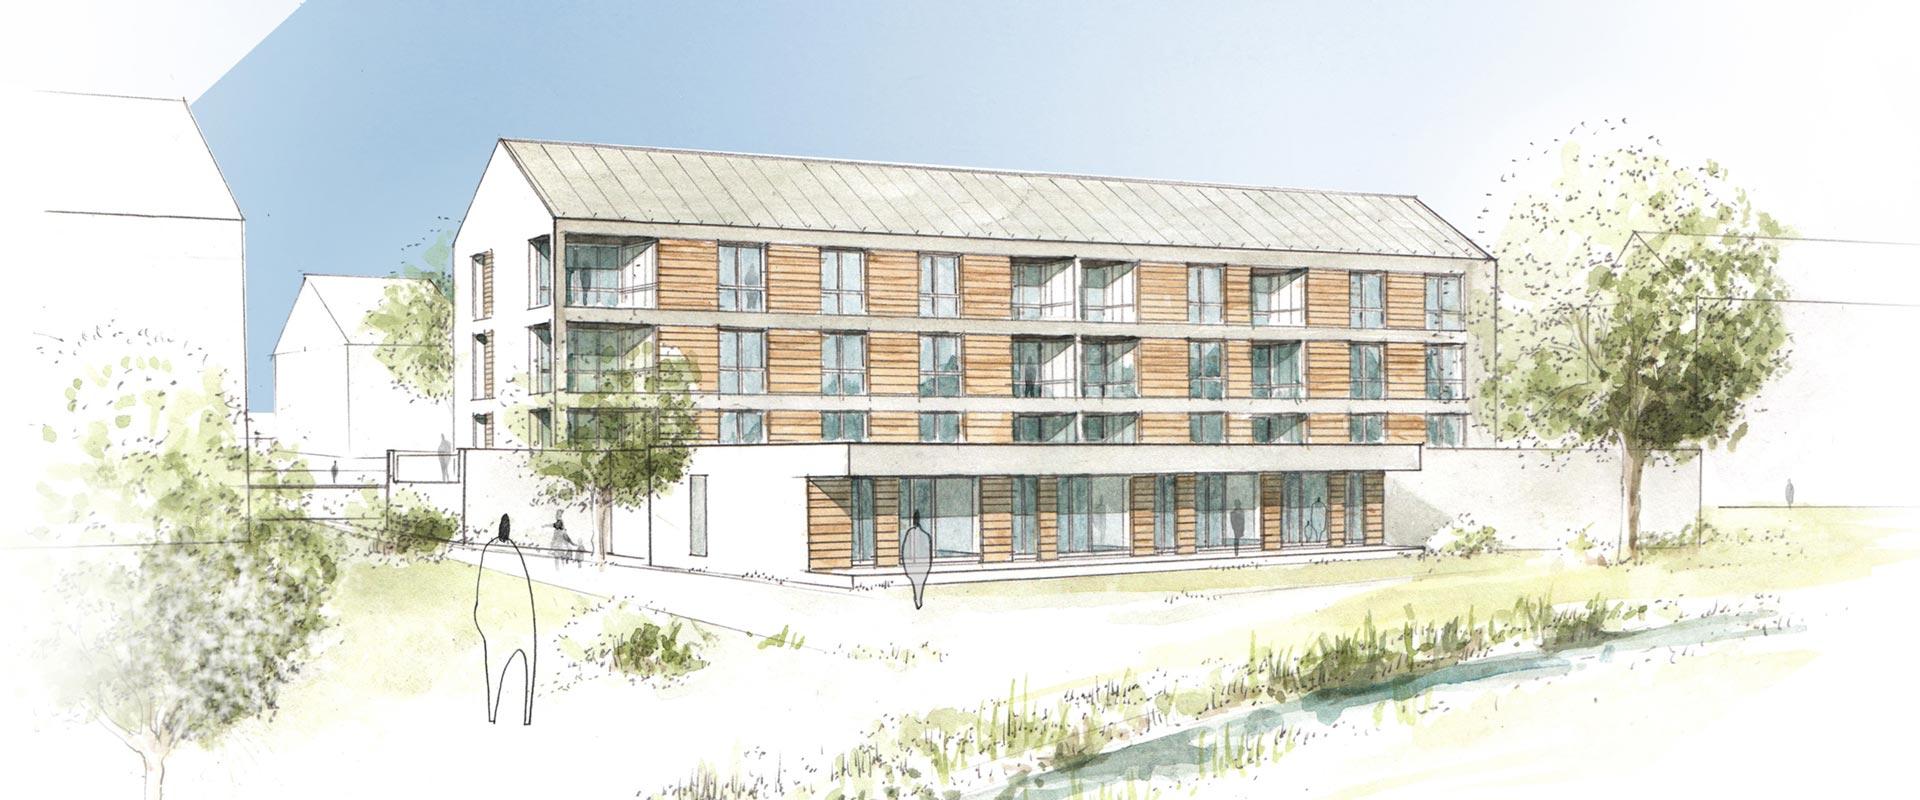 Architekturbüro Musahl Waldshut Wohnanlage Schaffhauser Straße in Tiengen 3D Zeichnung